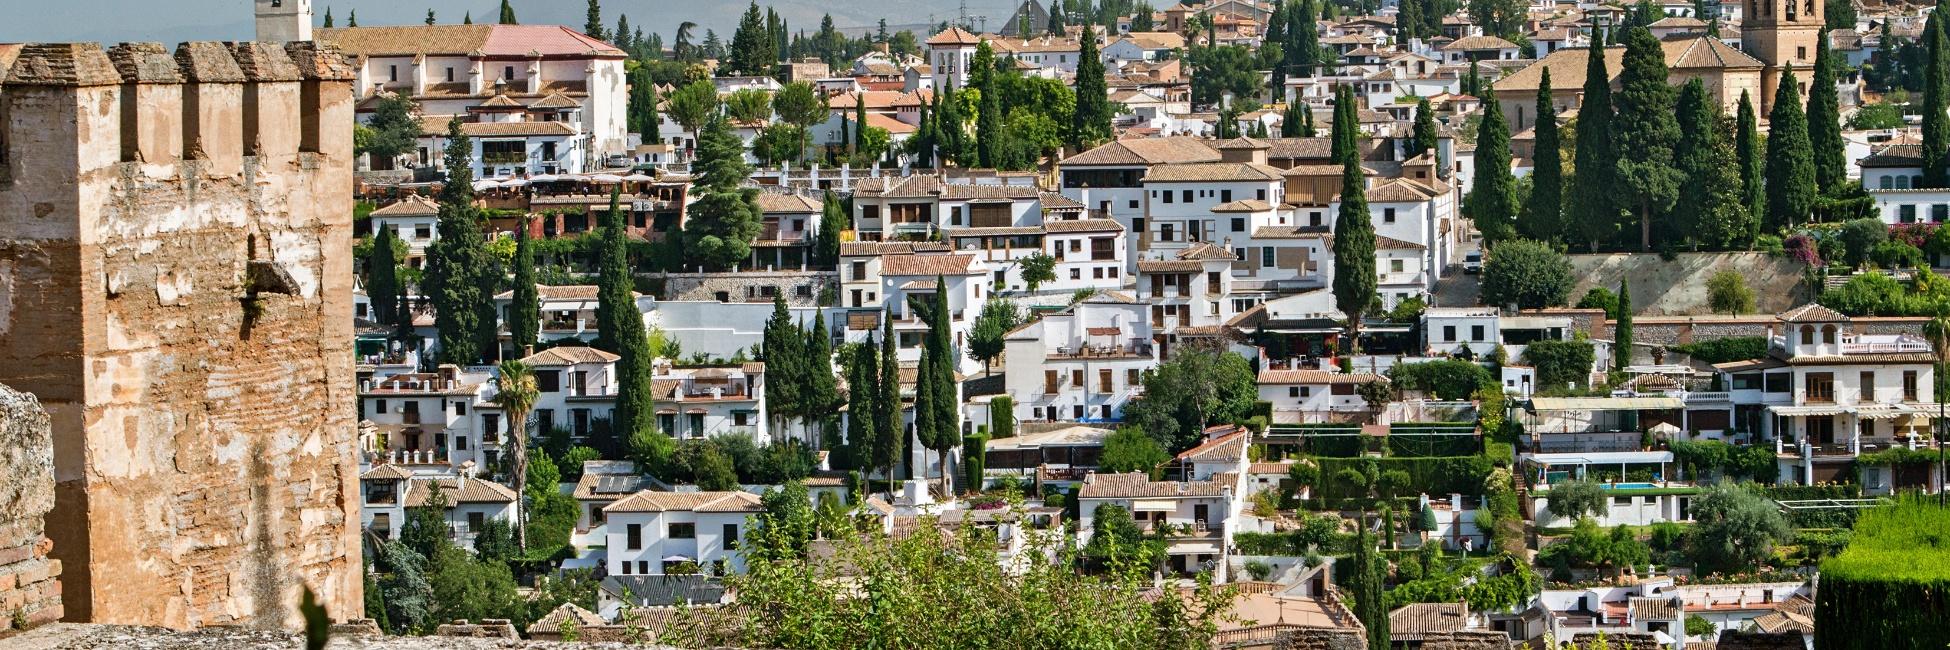 Alhambra à Grenade en Espagne